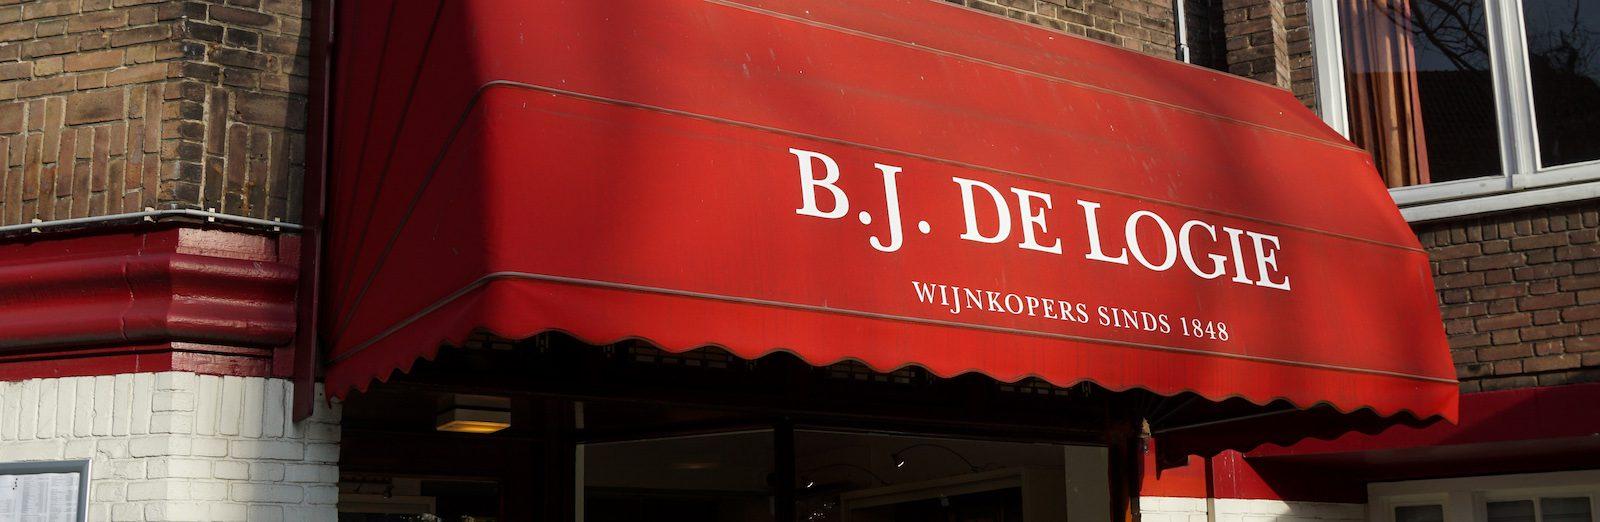 Wijnhandel B.J. de Logie